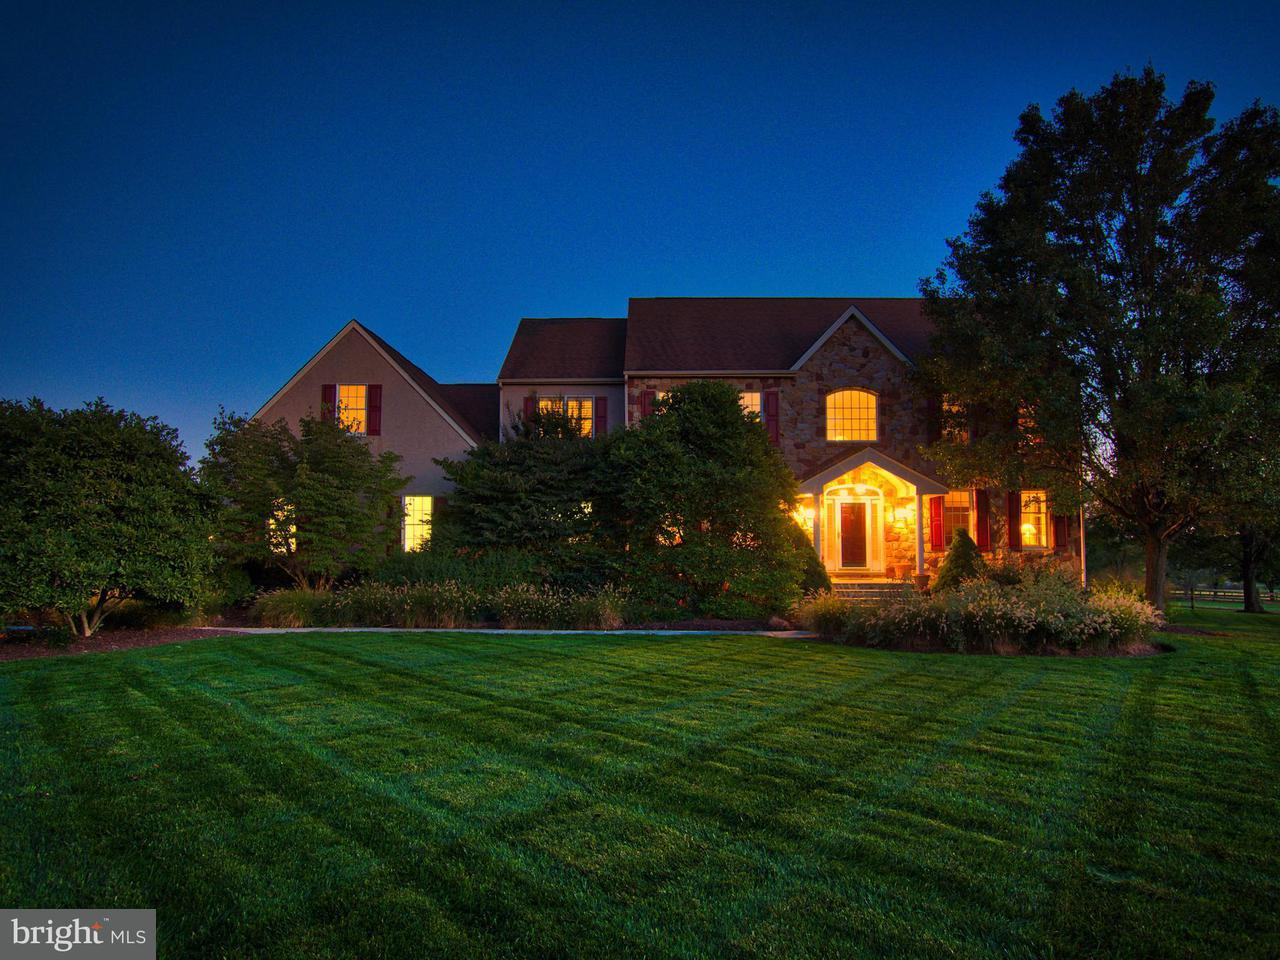 Частный односемейный дом для того Продажа на 68 FAWN VALLEY Drive 68 FAWN VALLEY Drive Elkton, Мэриленд 21921 Соединенные Штаты